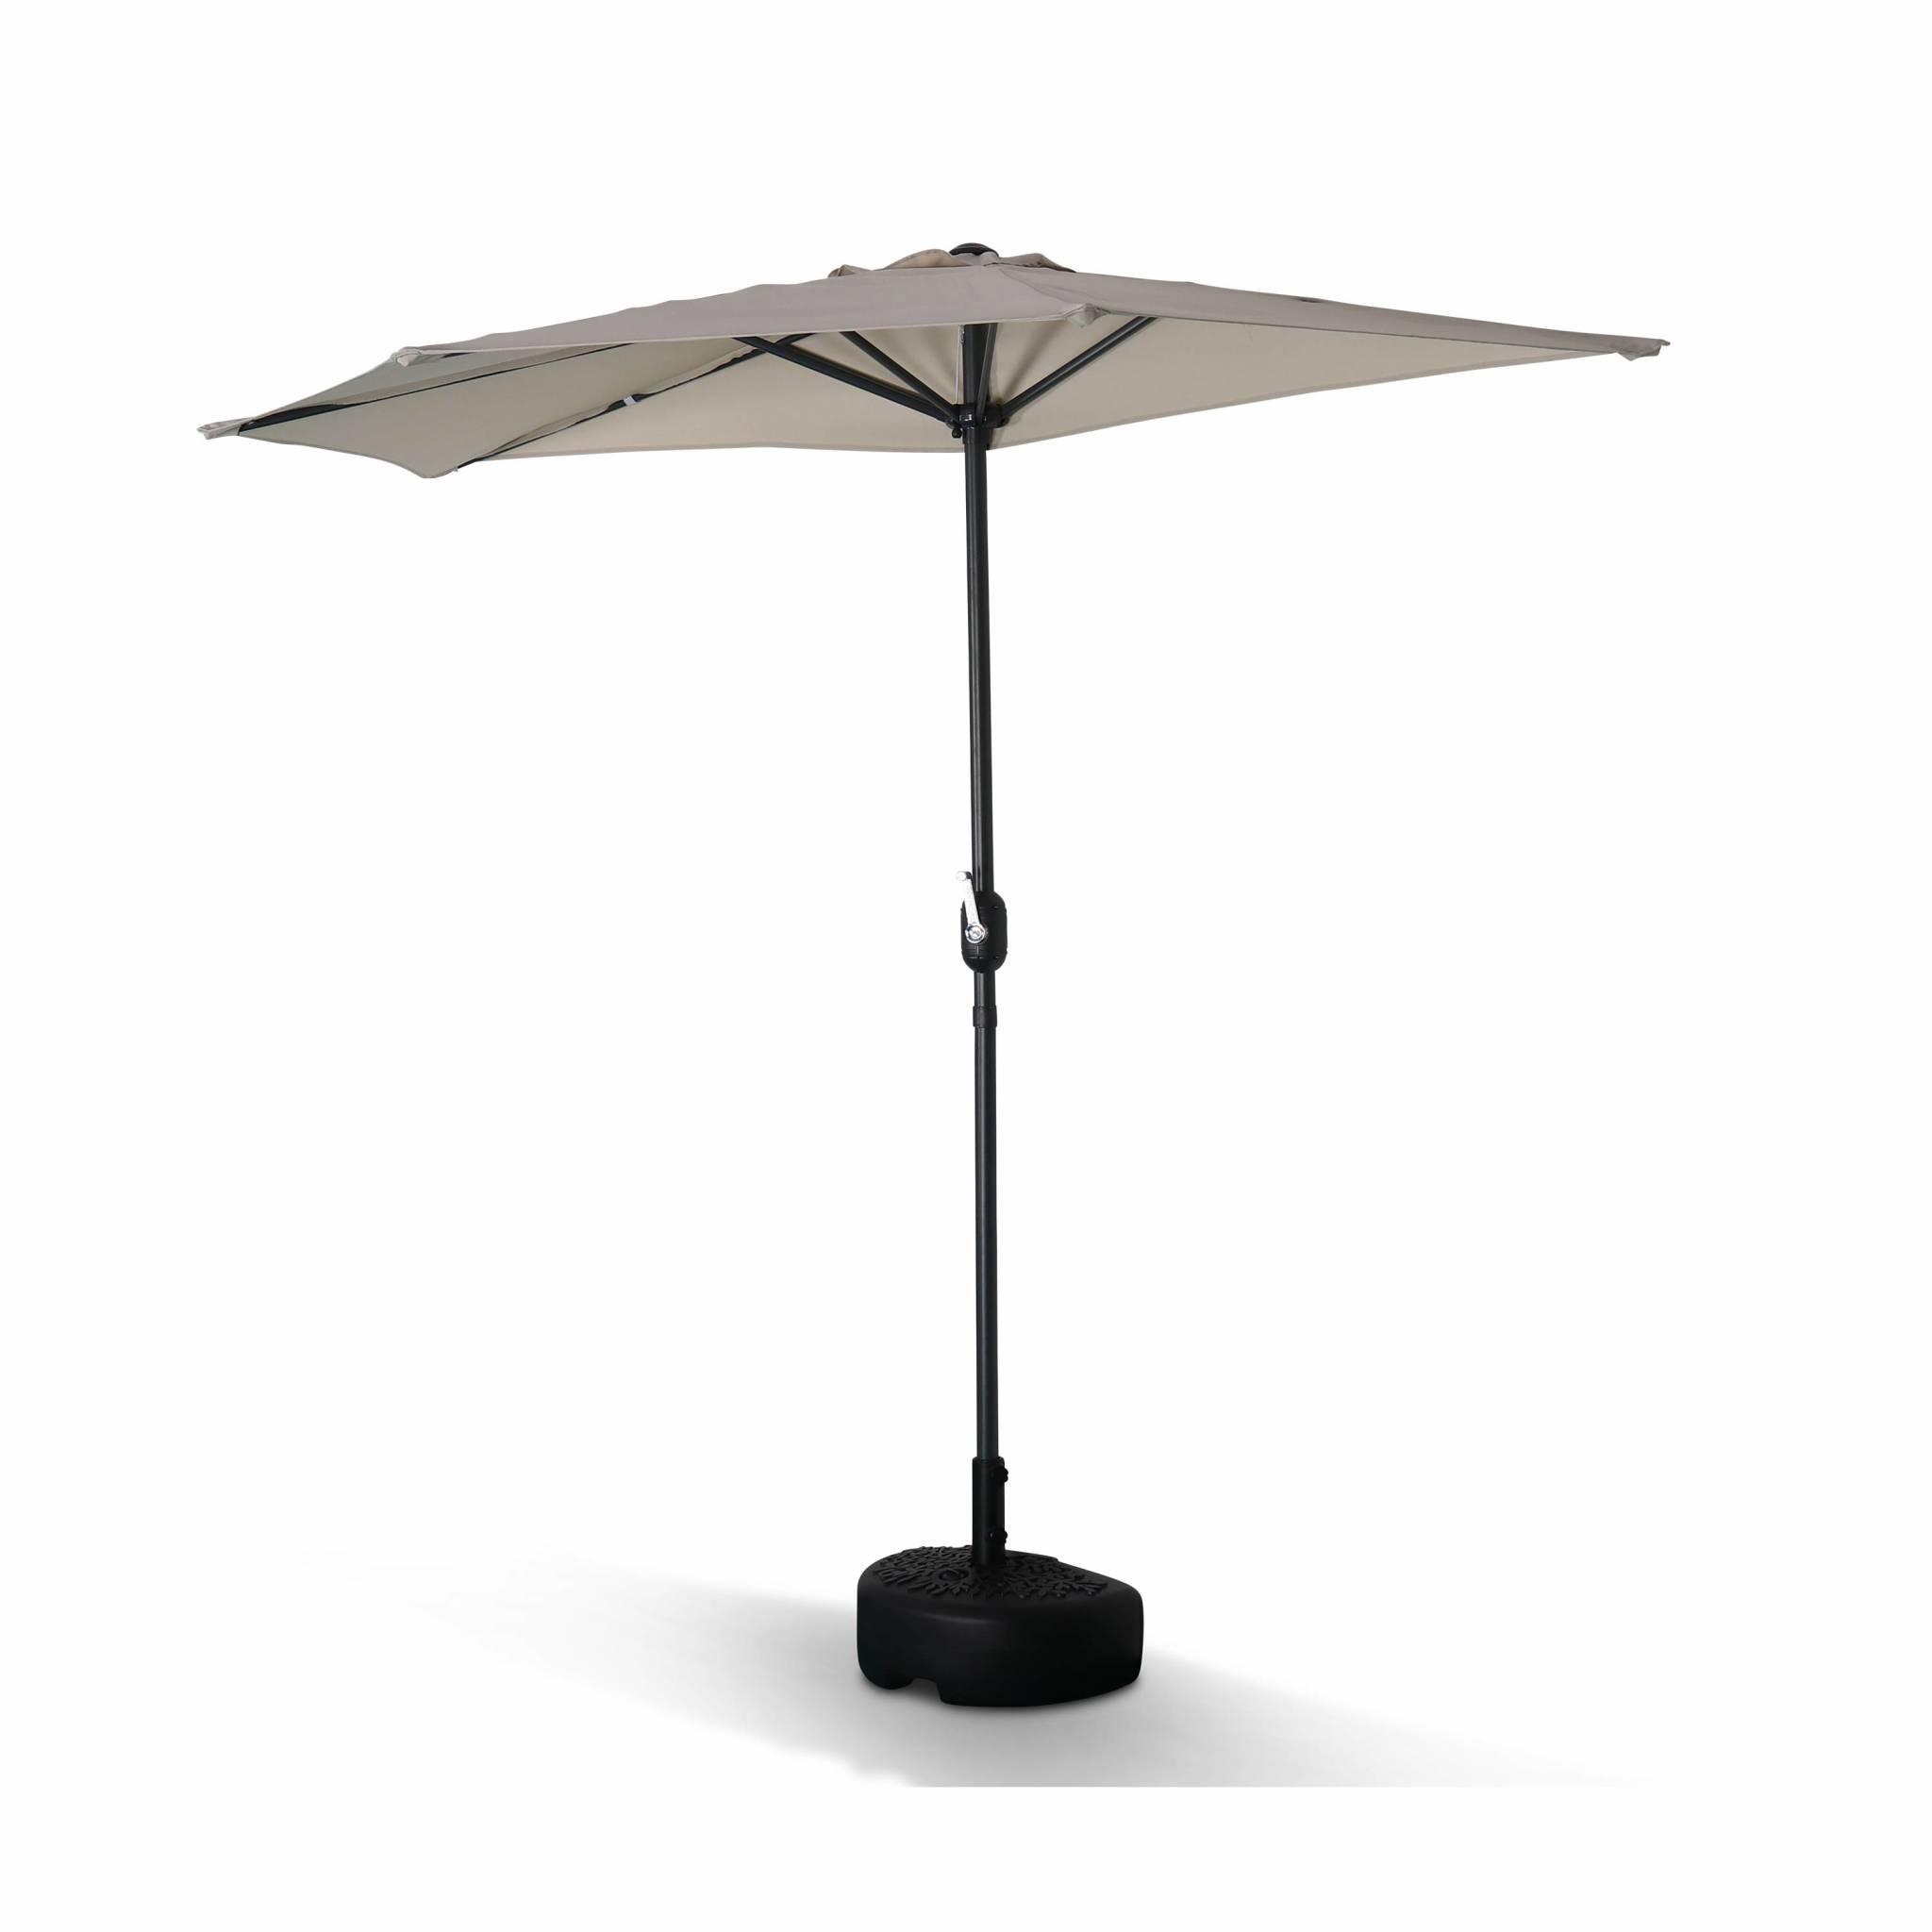 Demi parasol de balcon droit mât en aluminium toile sable D250cm